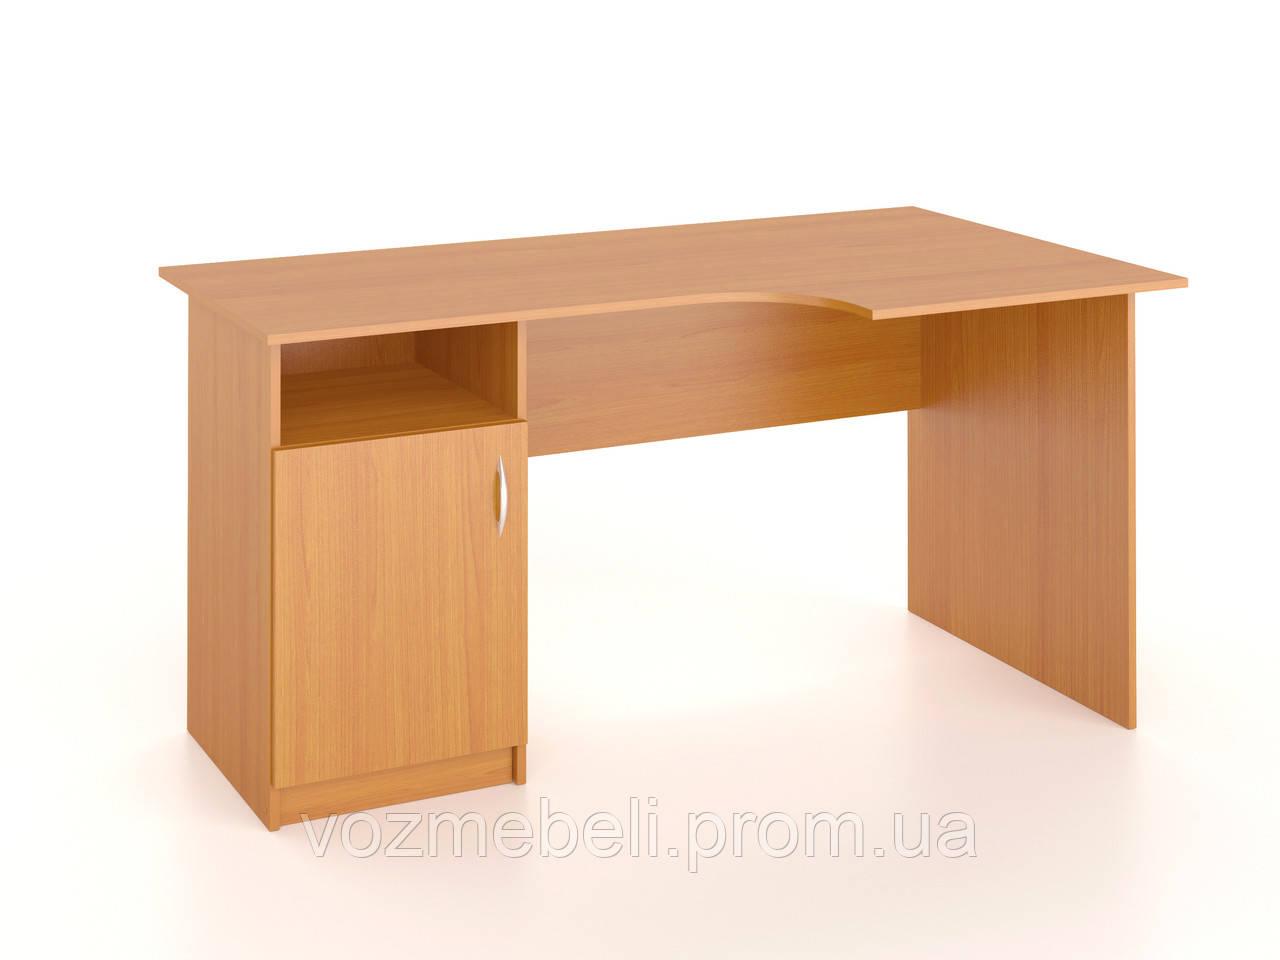 Арт стол СТ-303